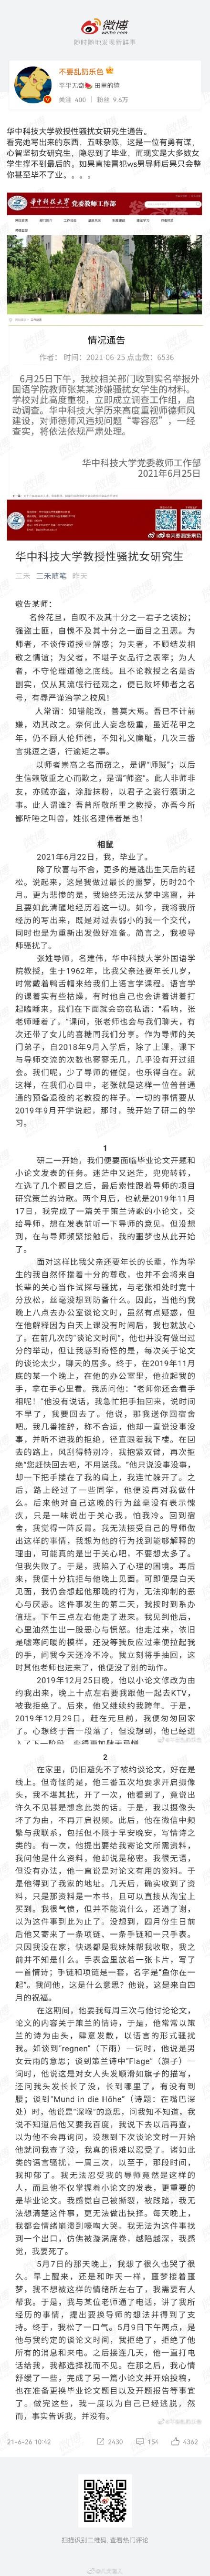 華中科技大學外國語學院教授張建偉被舉報性騷擾。(截圖)